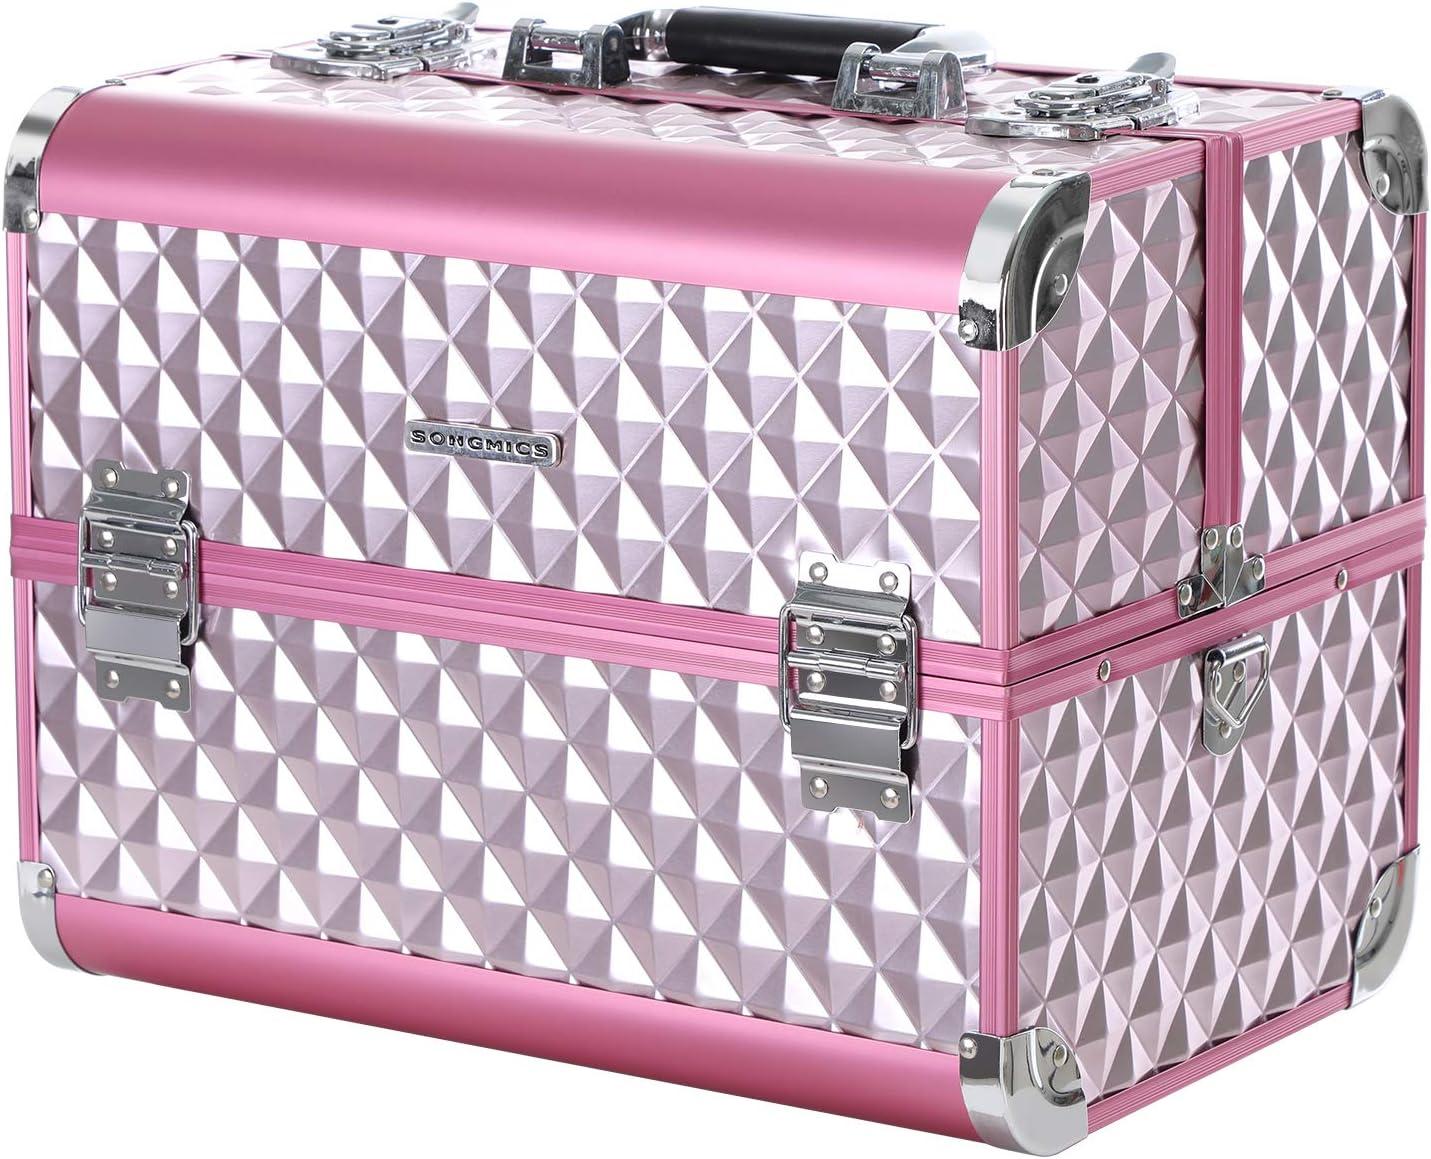 SONGMICS Maletín para Maquillaje de Uso Profesional, Caja de Belleza con 4 Bandejas Extensibles, Uso de Viaje, 36,5 x 24 x 24 cm JBC319P: Amazon.es: Belleza